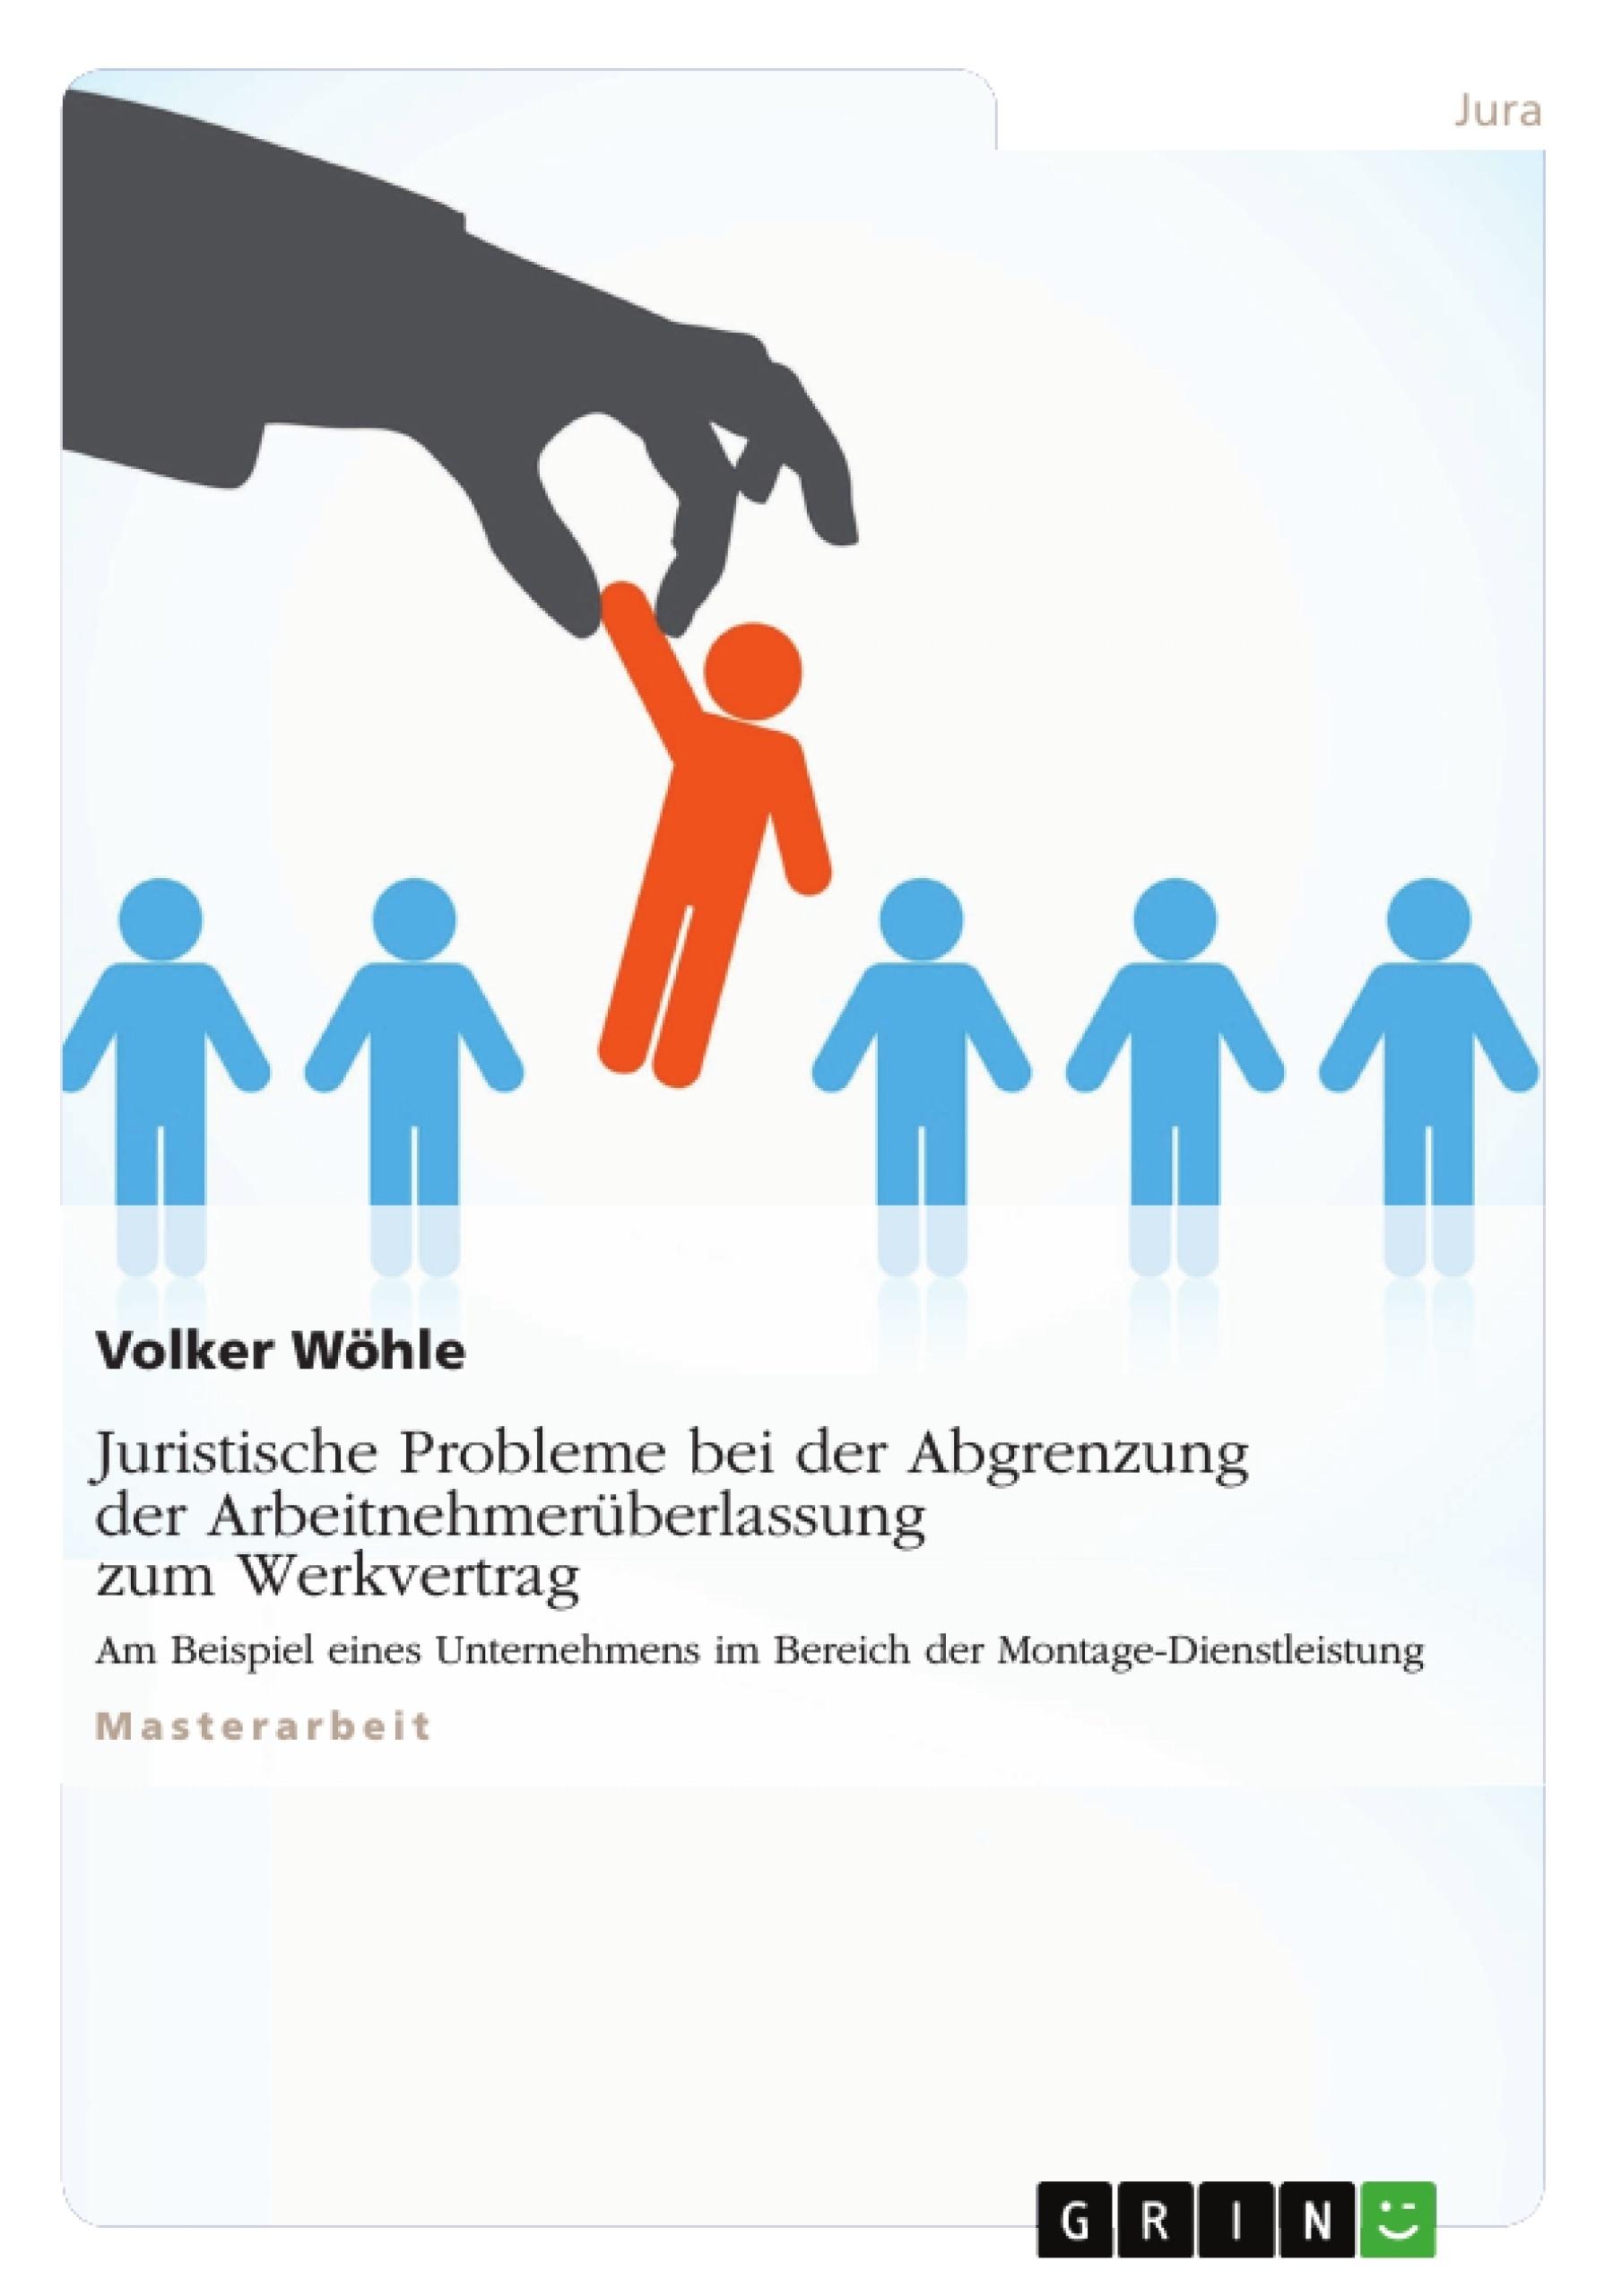 Titel: Juristische Probleme bei der Abgrenzung der Arbeitnehmerüberlassung zum Werkvertrag